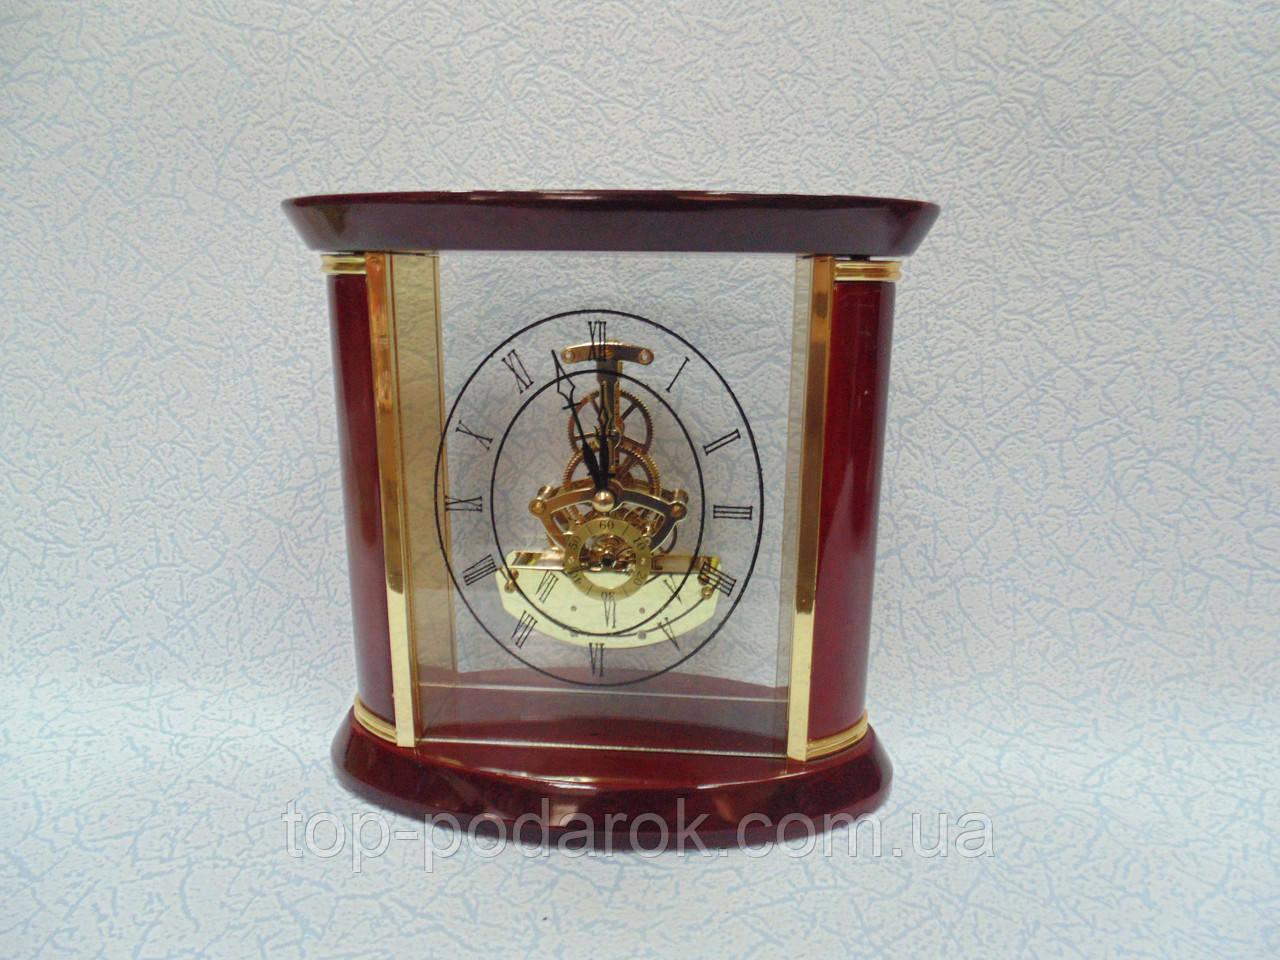 Настольные деревянные часы размер 20*20*9